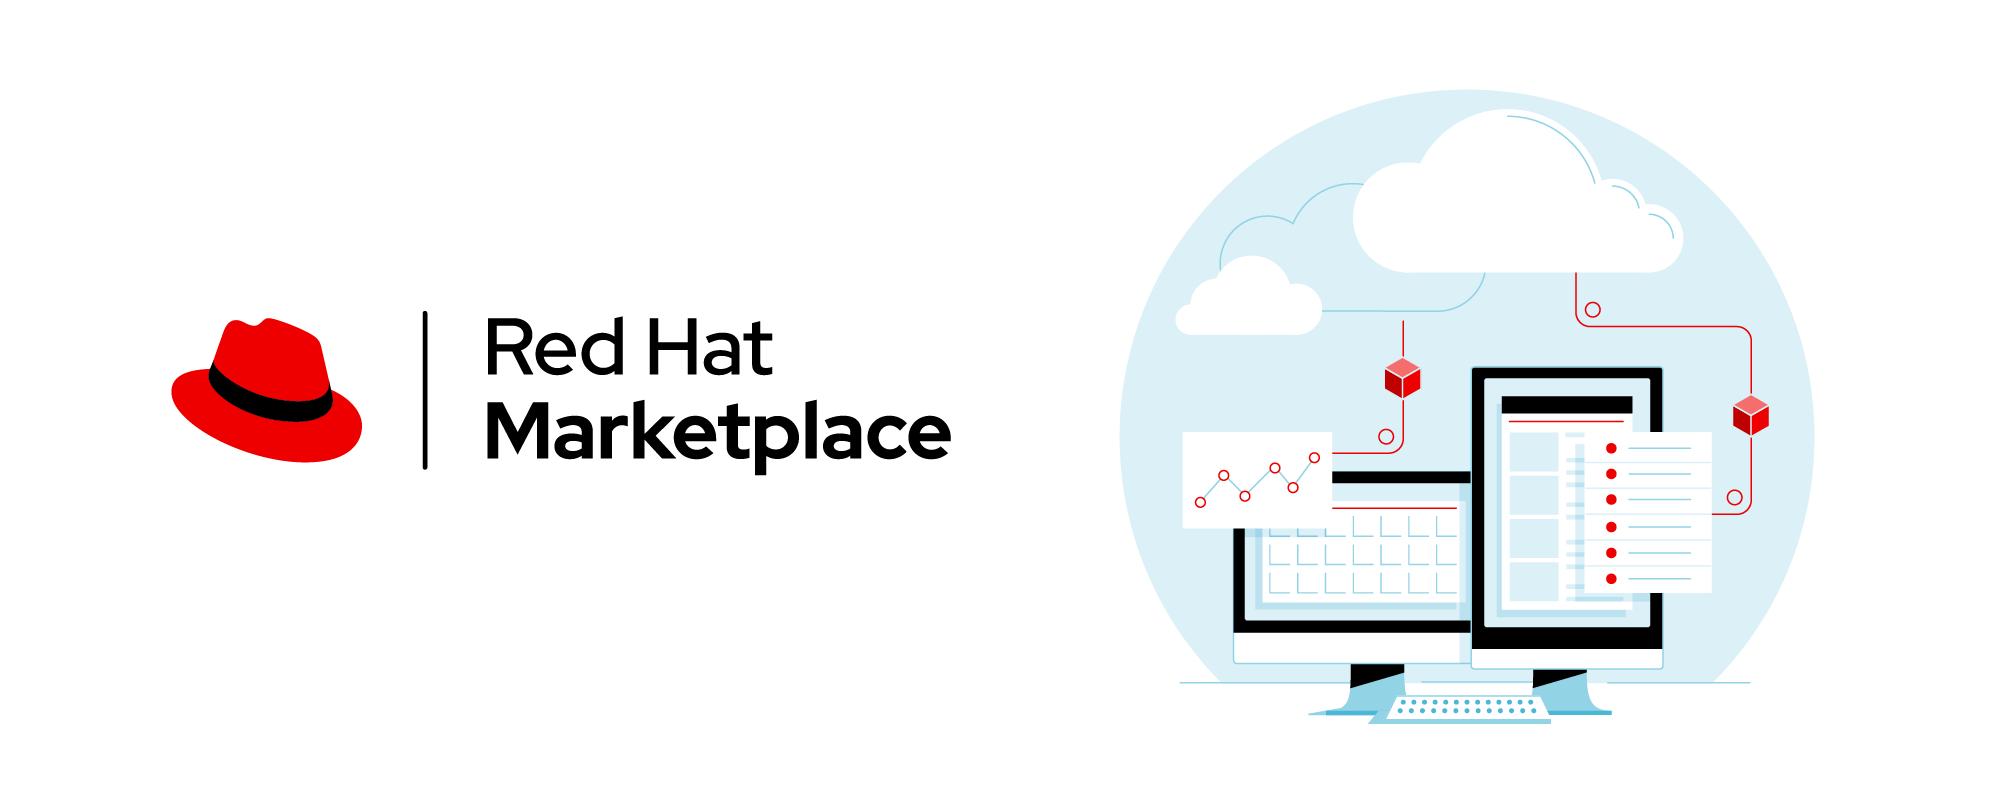 RH-Marketplace-Partners-blog-bkg_wLogo